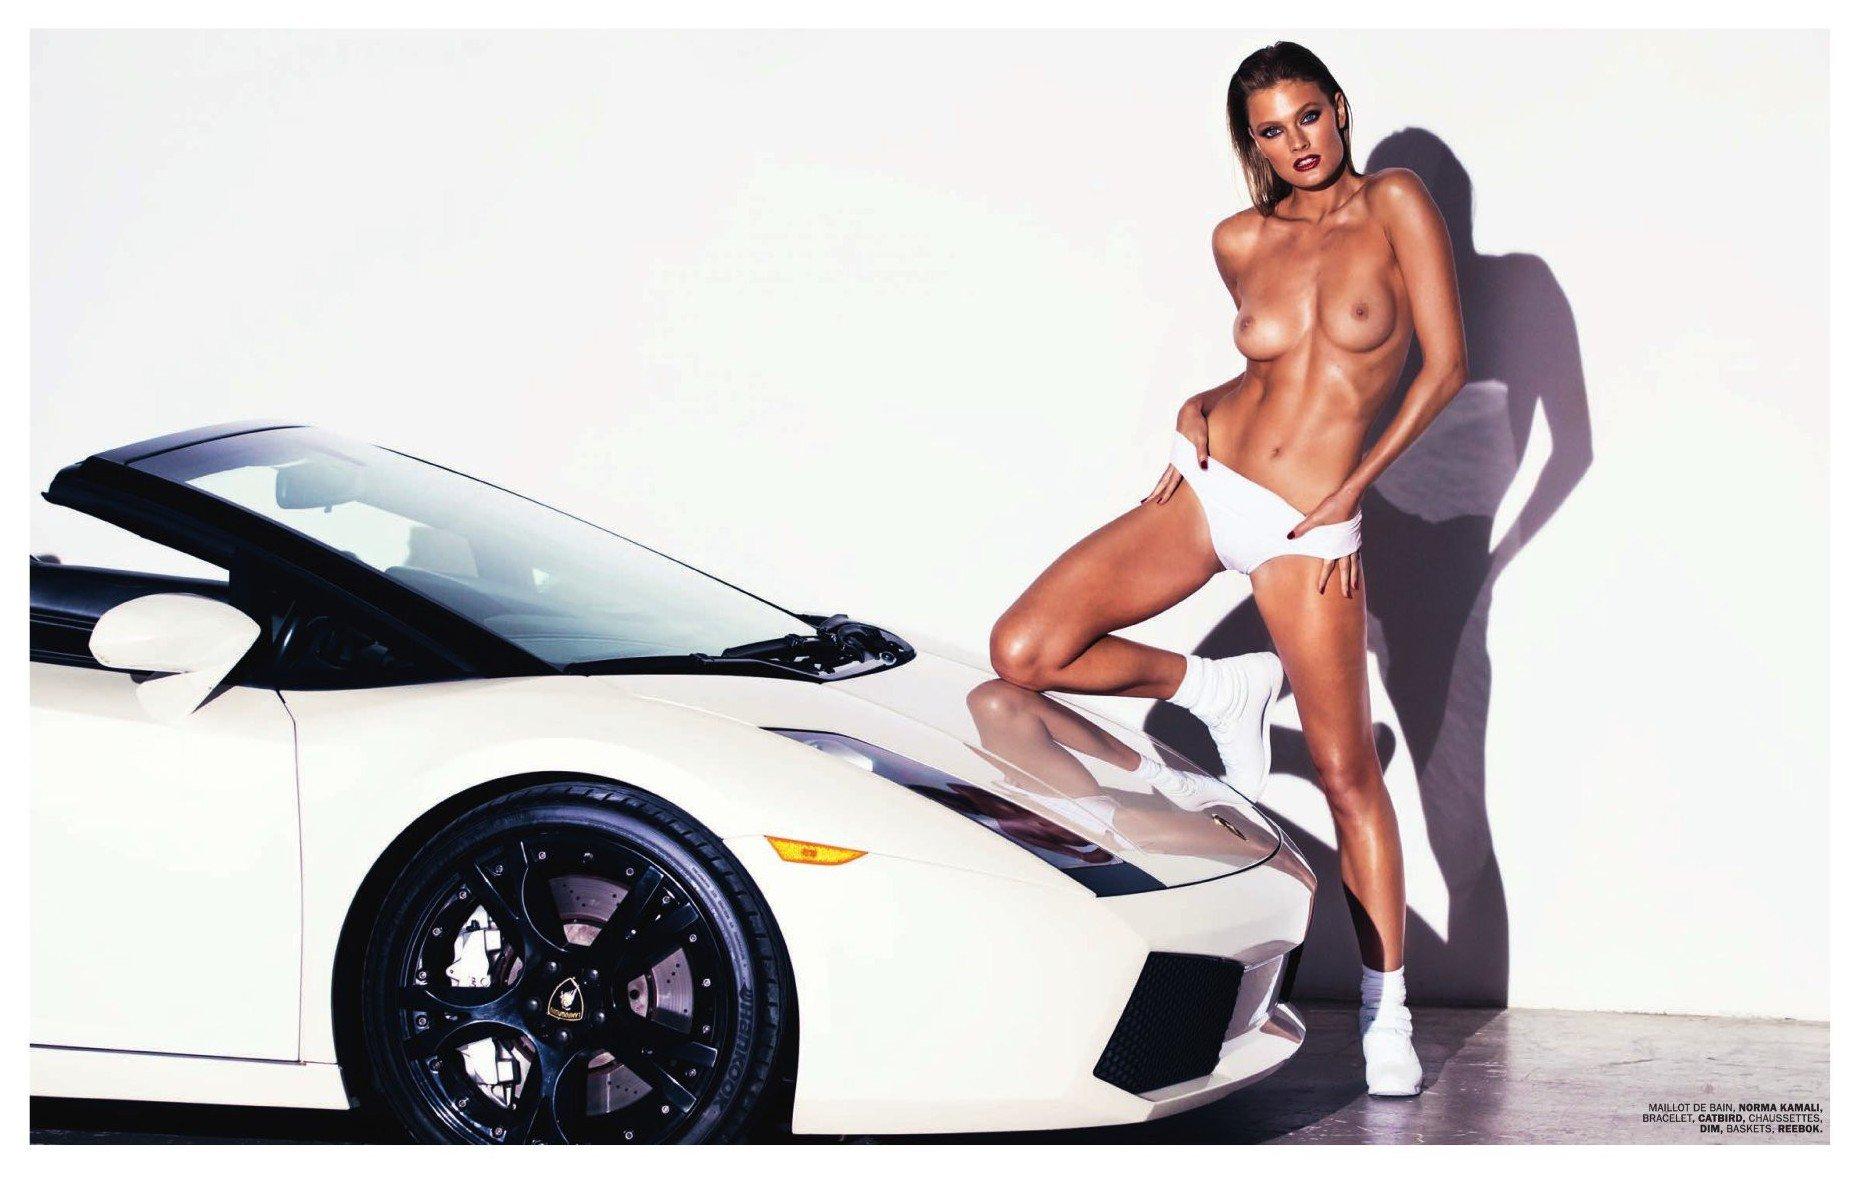 世界のスーパーモデルについて語ろう48 [無断転載禁止]©2ch.netYouTube動画>16本 ->画像>209枚